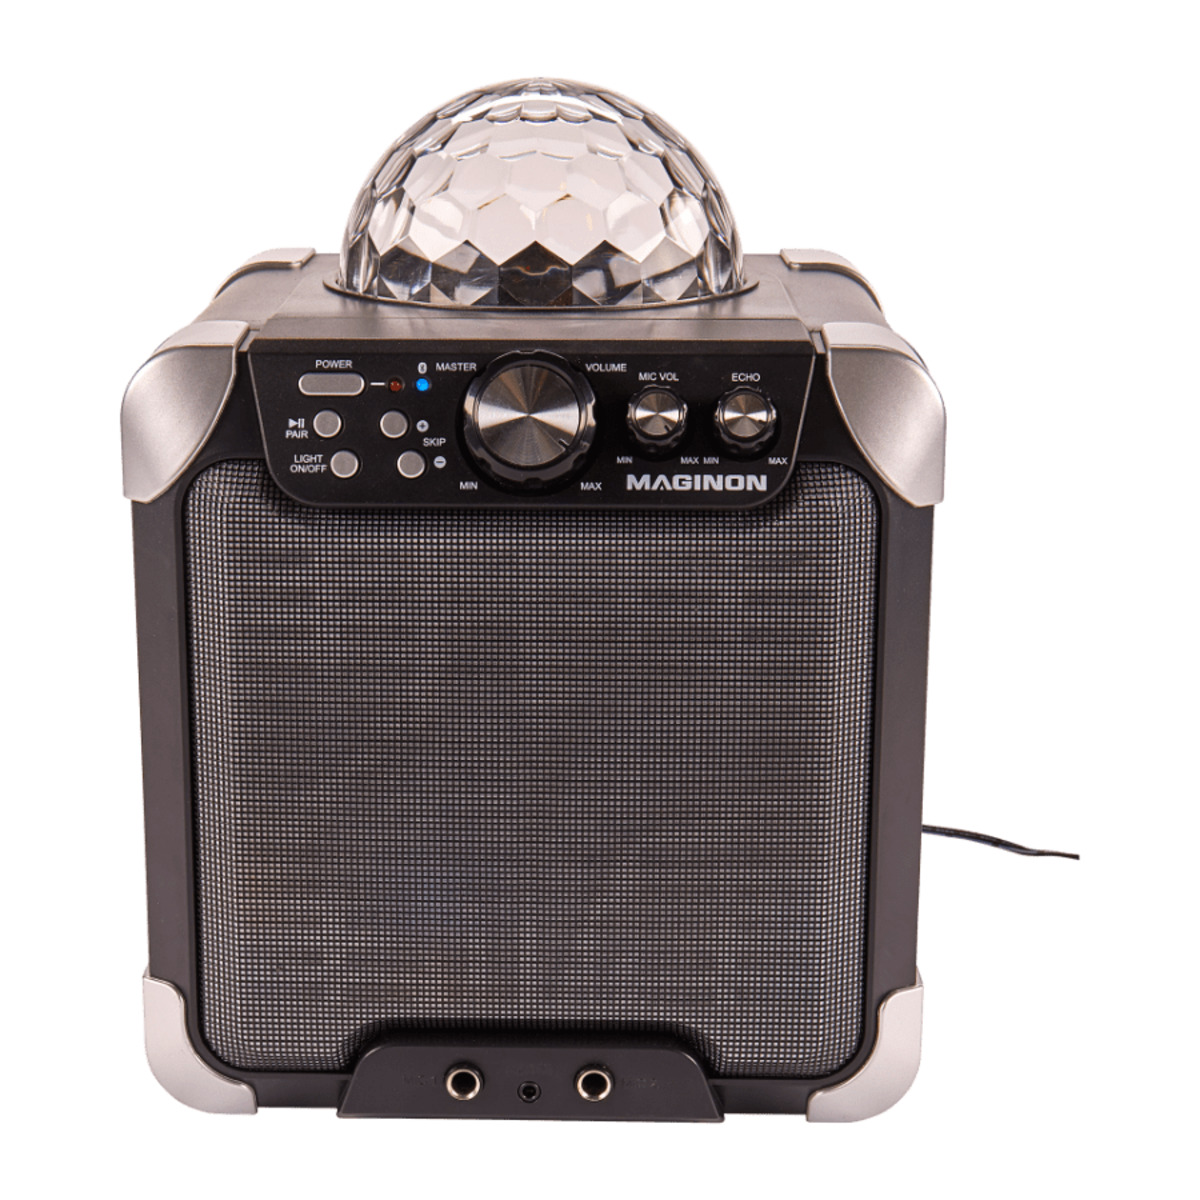 Bild 1 von Maginon Party Lautsprecher PS-15 E